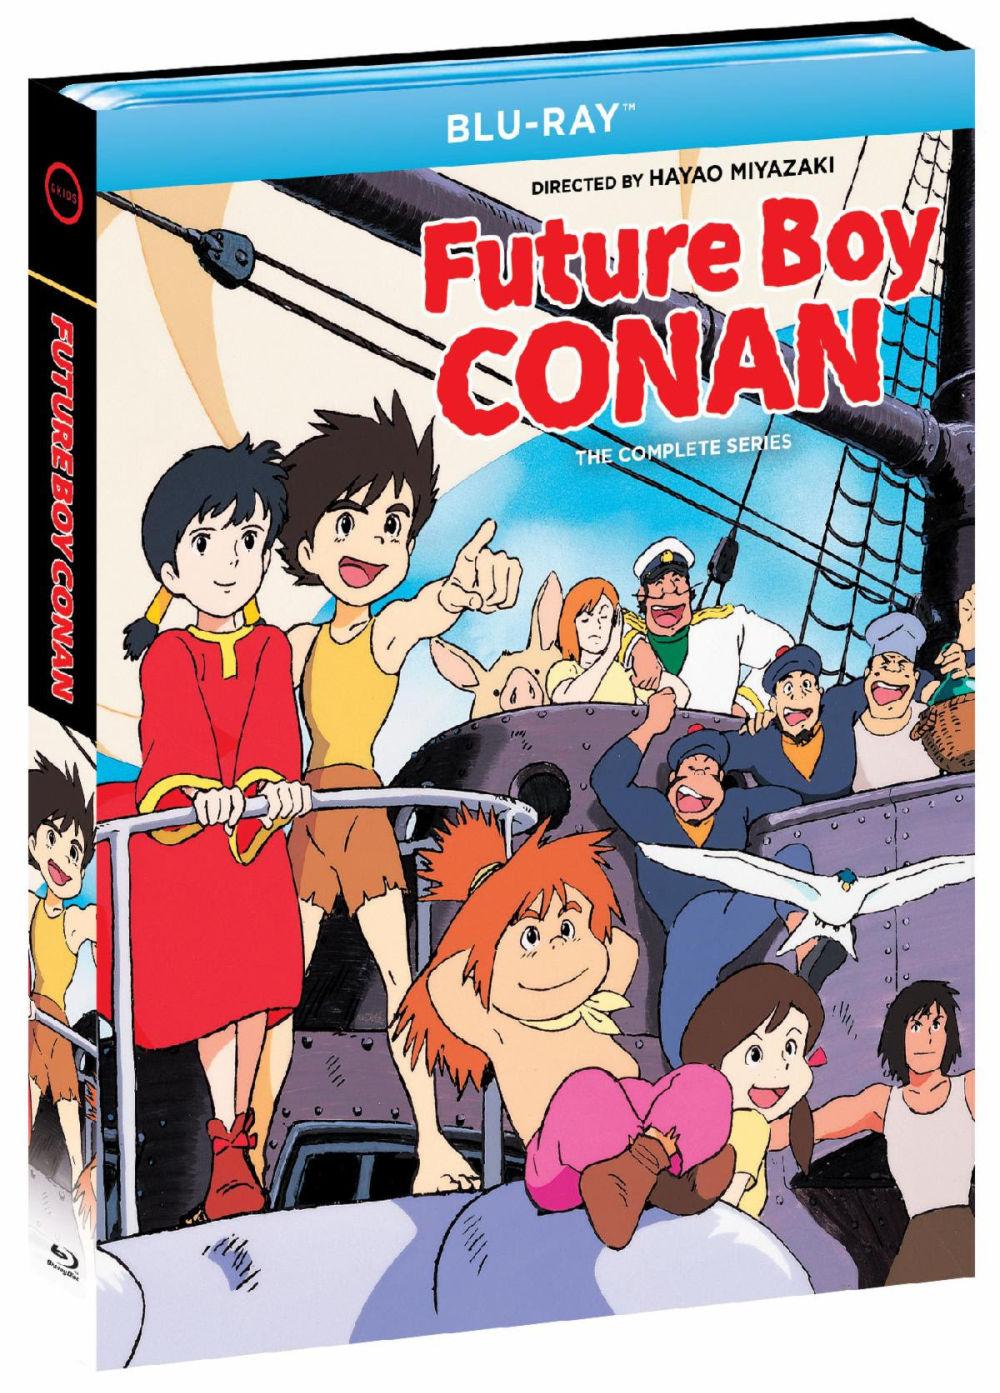 Future Boy Conan: The Complete Series